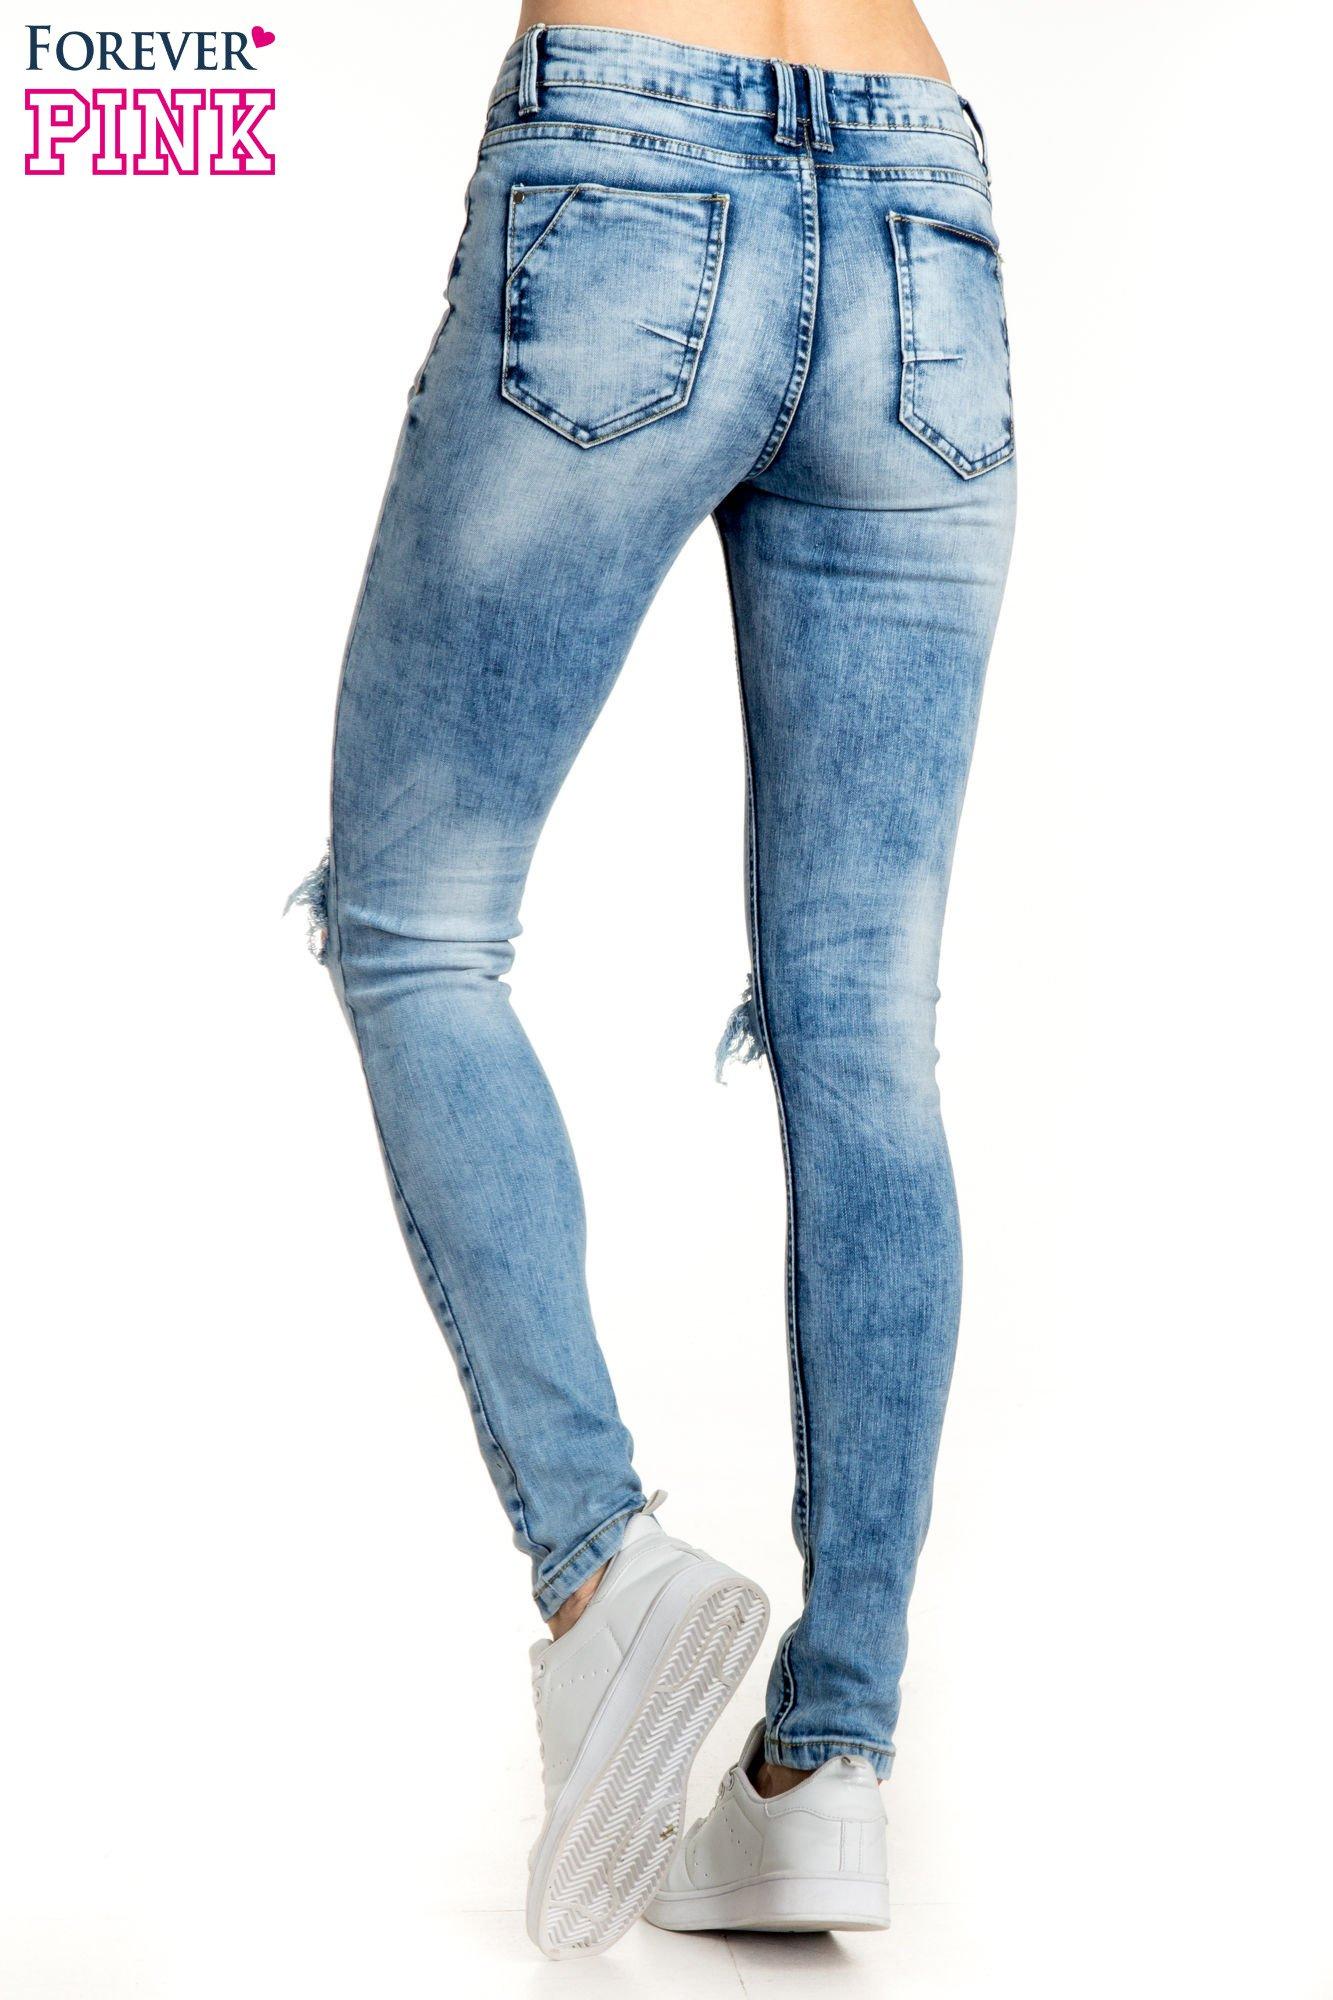 Niebieskie spodnie skinny jeans ripped knee                                  zdj.                                  3